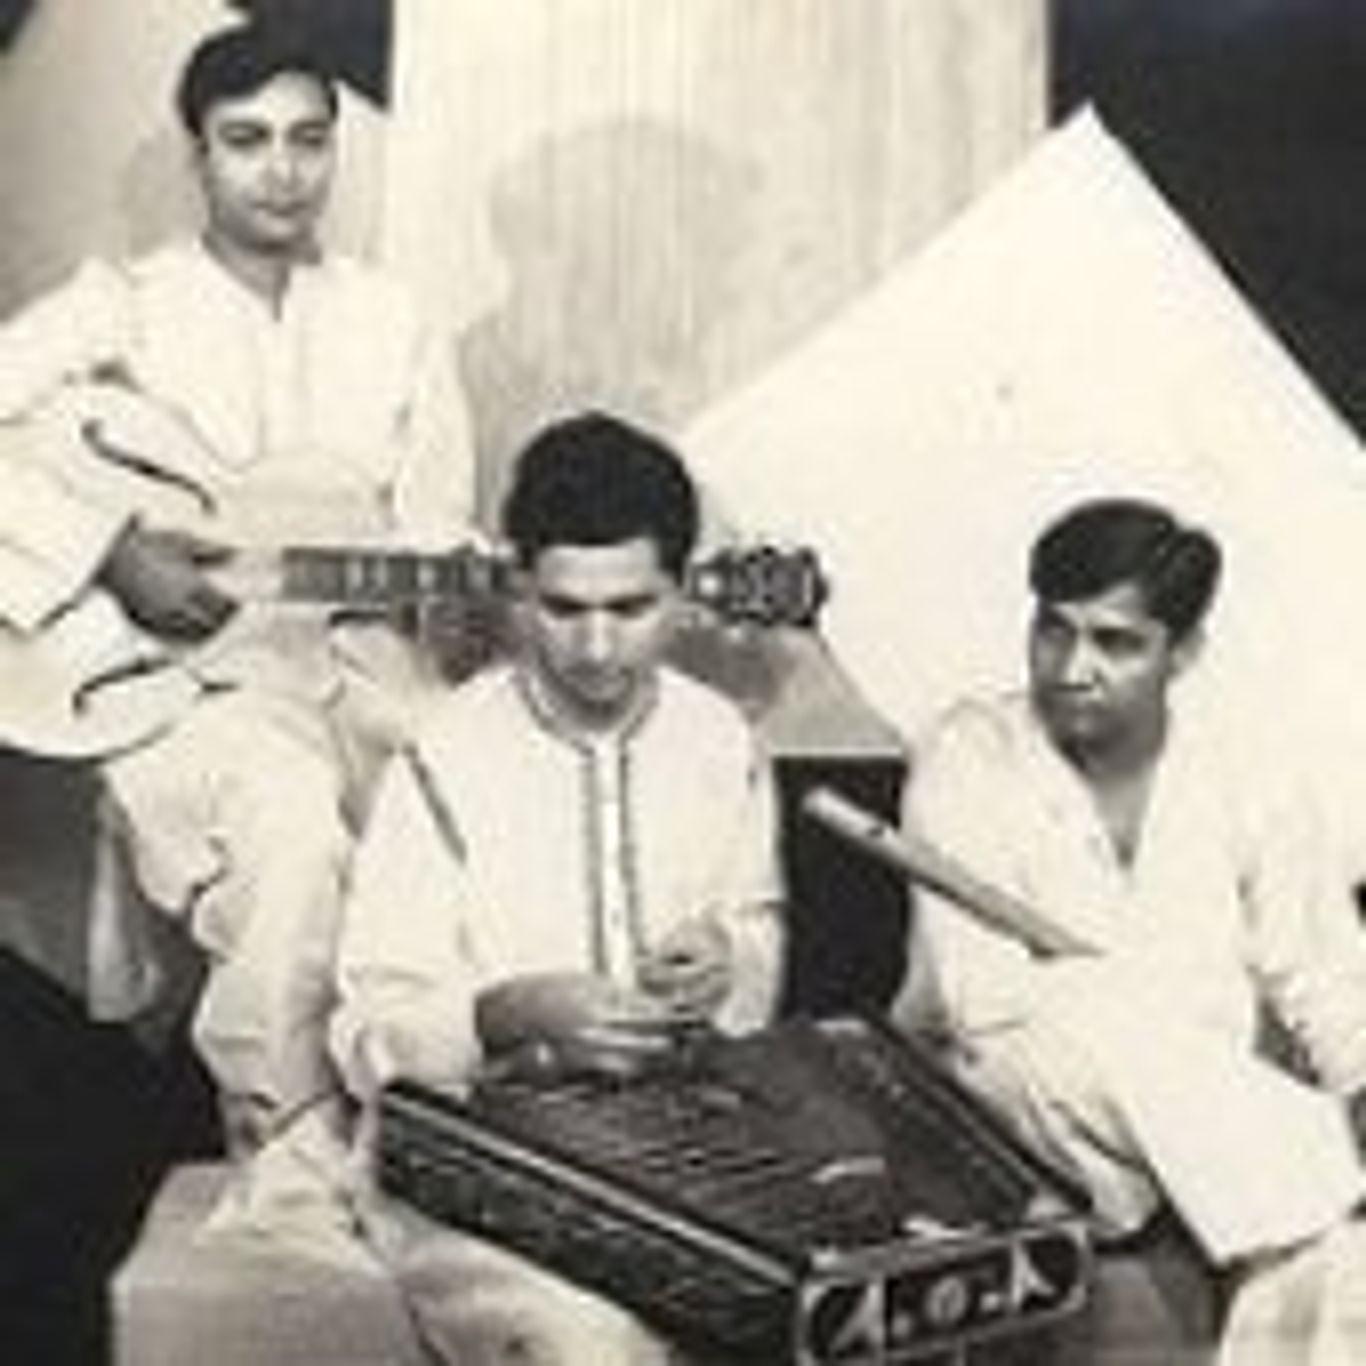 Pt. Shivkumar Sharma, Pt. Hariprasad Chaurasia & Pt. Brijbhushan Kabra